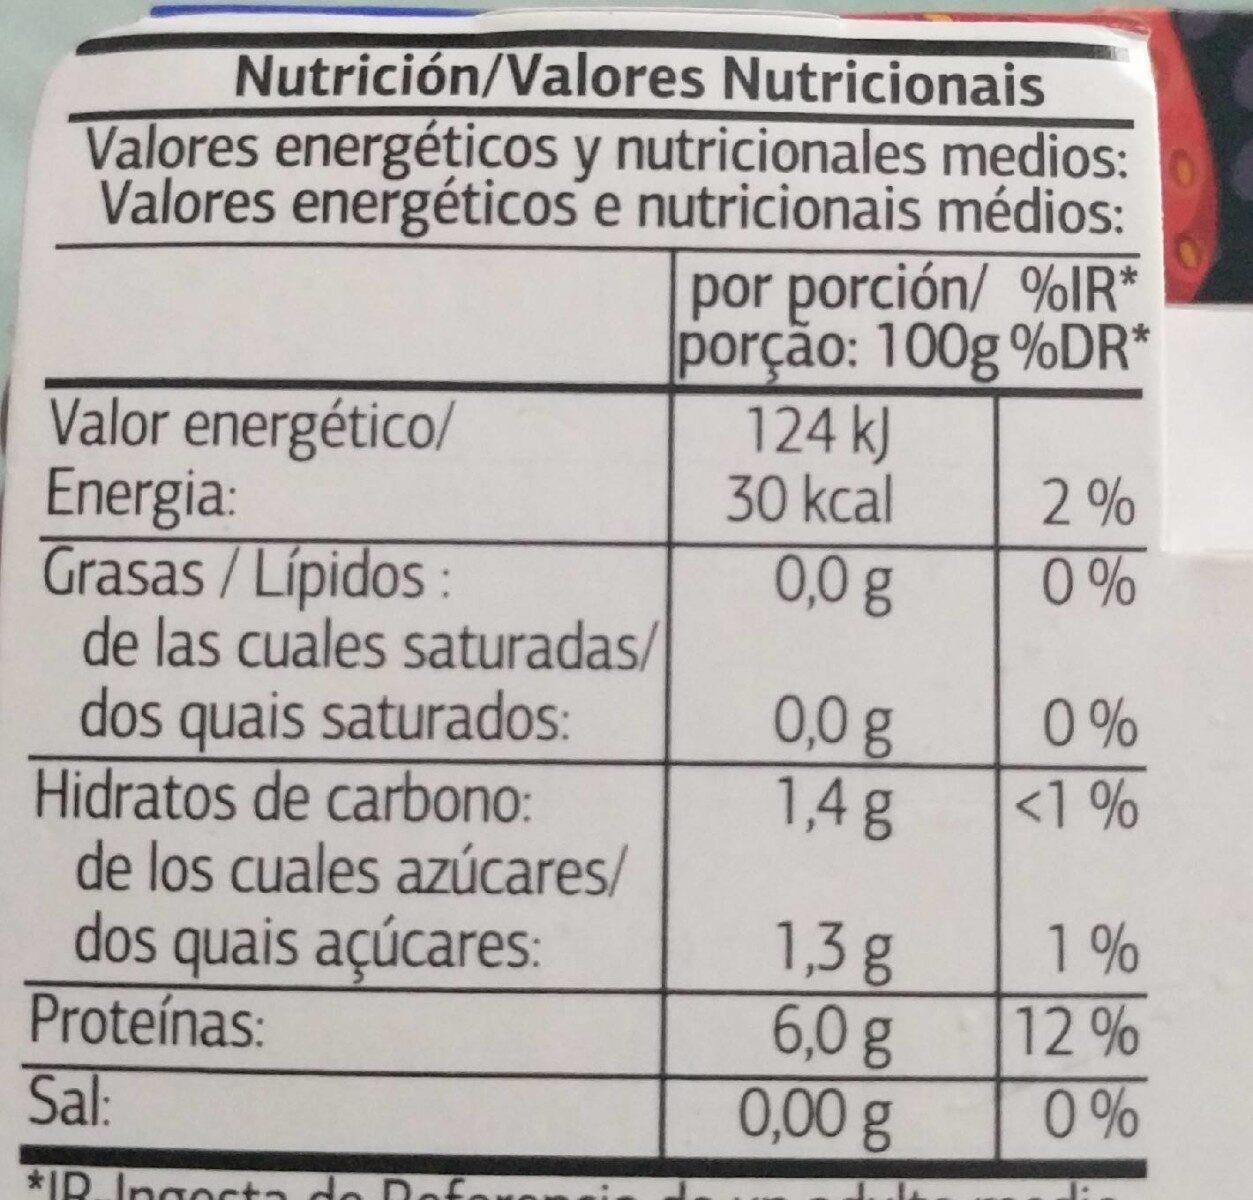 Gelatina alto contenido en proteinas - Informació nutricional - es